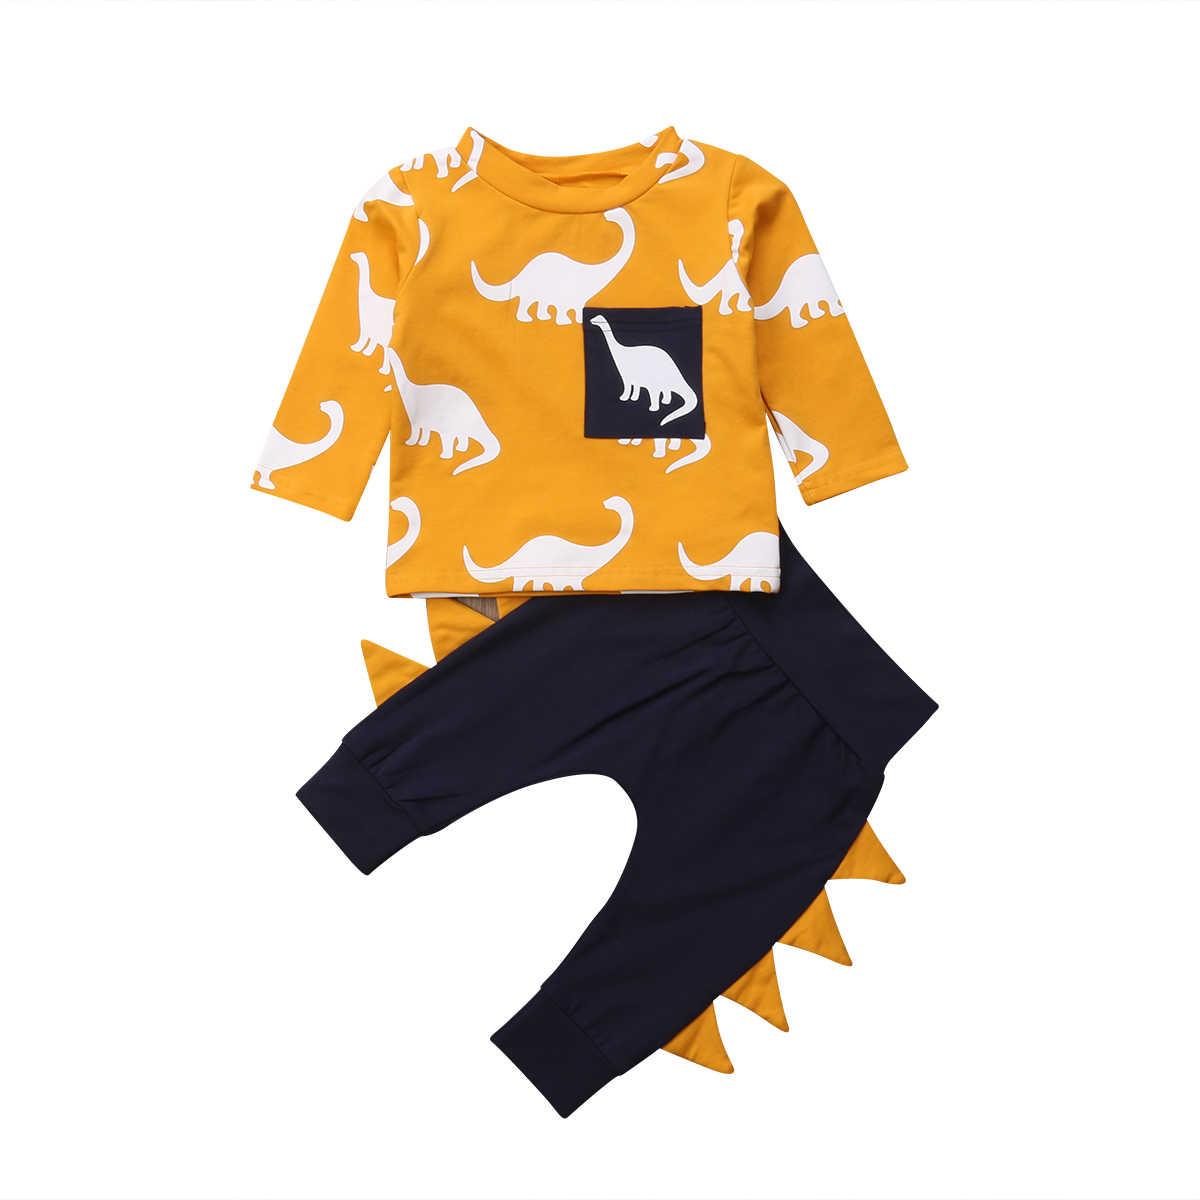 2019 חדש סגנון פעוטות ילדים תינוק ילד ילדה אביב סתיו בגדים ארוך שרוול Romper דינוזאור מכנסיים תלבושת סט גודל 0-3Years